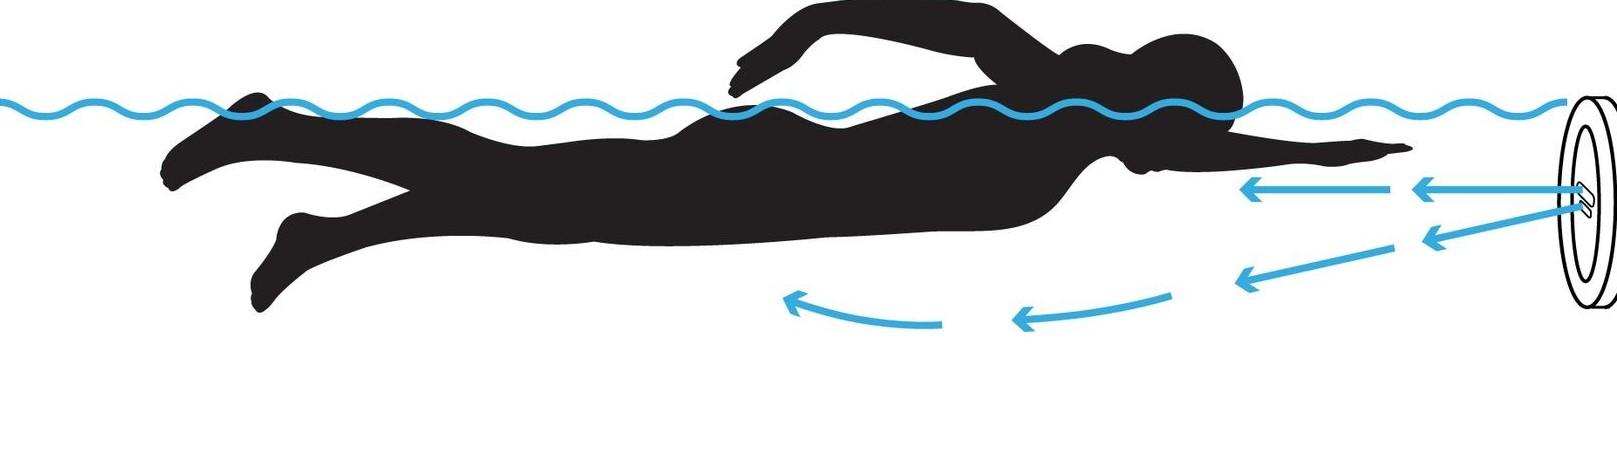 Gegenschwimmanlage Pahlén Jet Swim Athlete